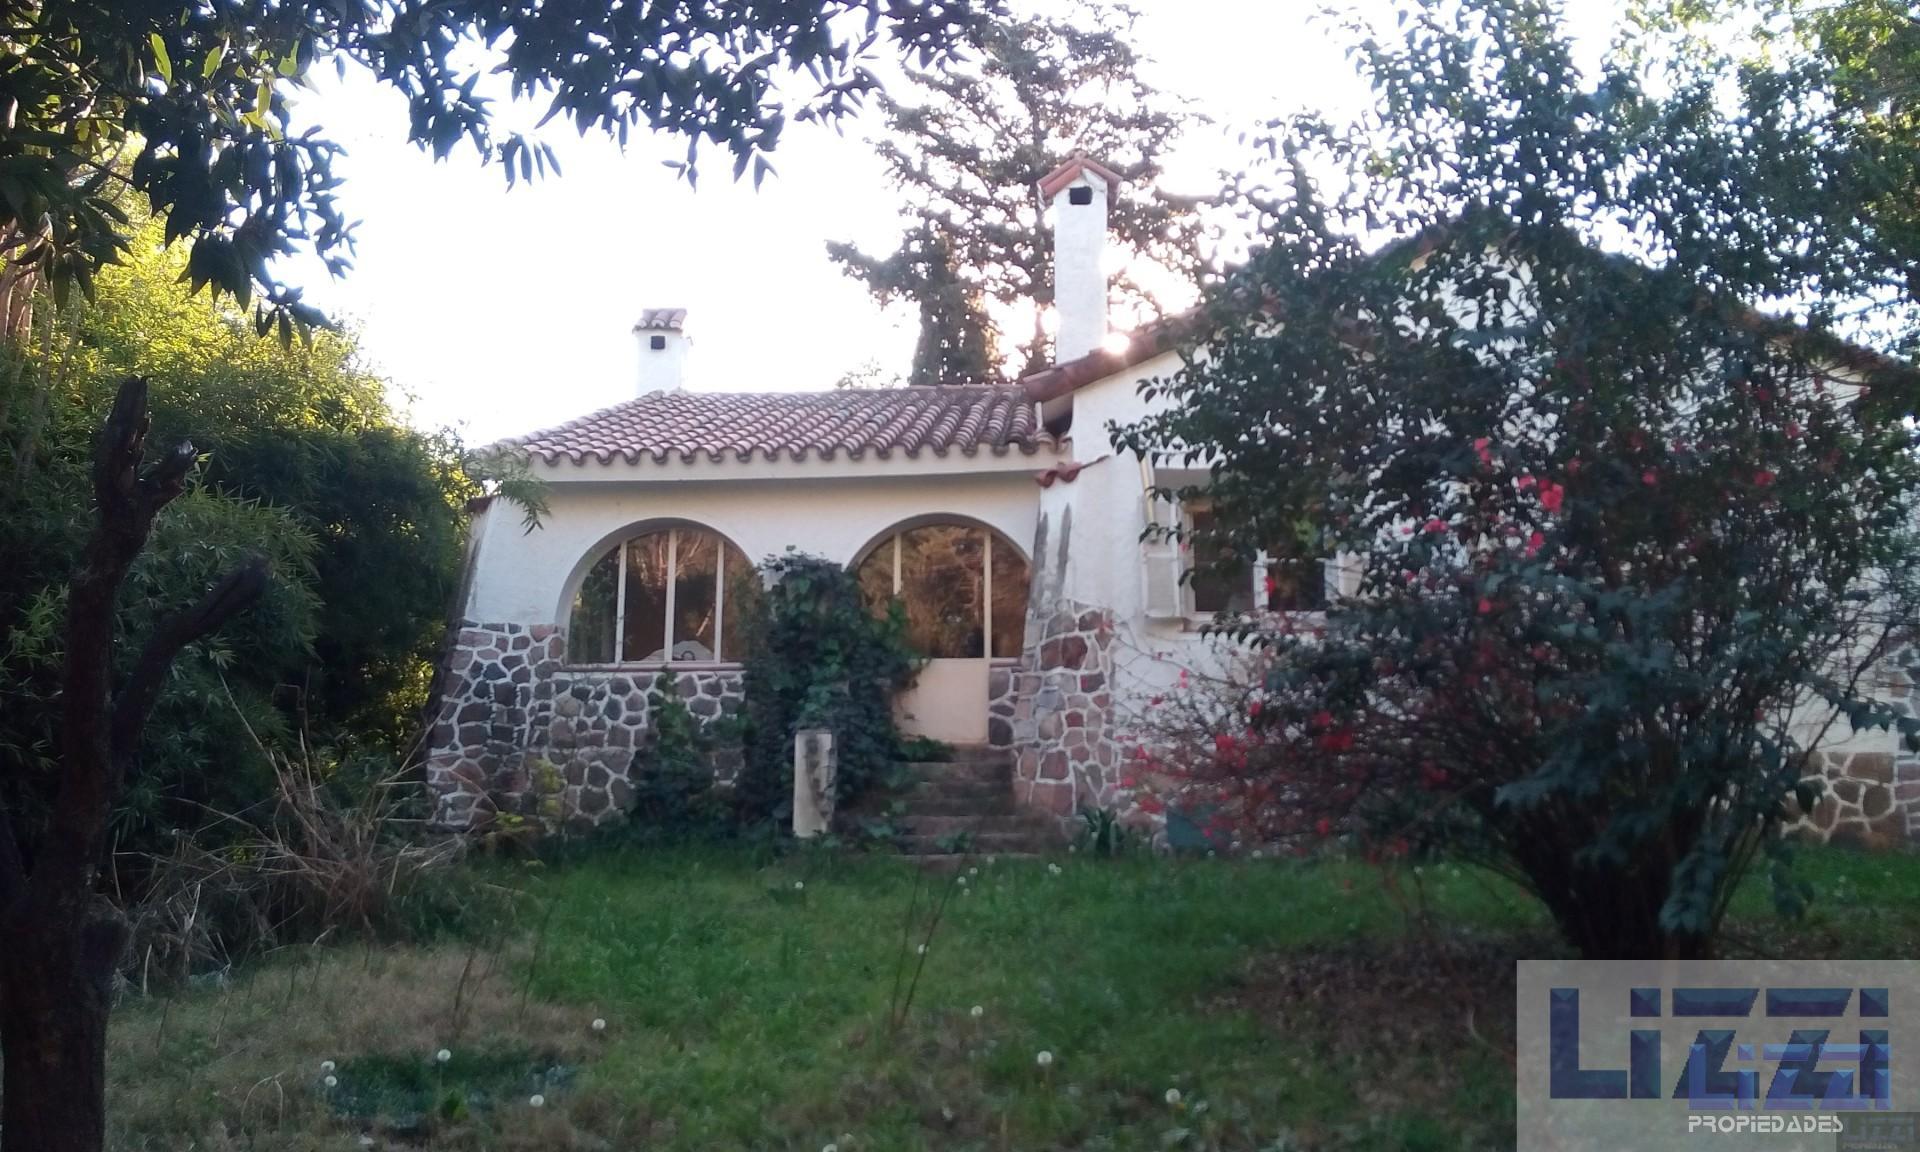 Casa venta villa general belgrano centro lizzi propiedades for Inmobiliarias en belgrano